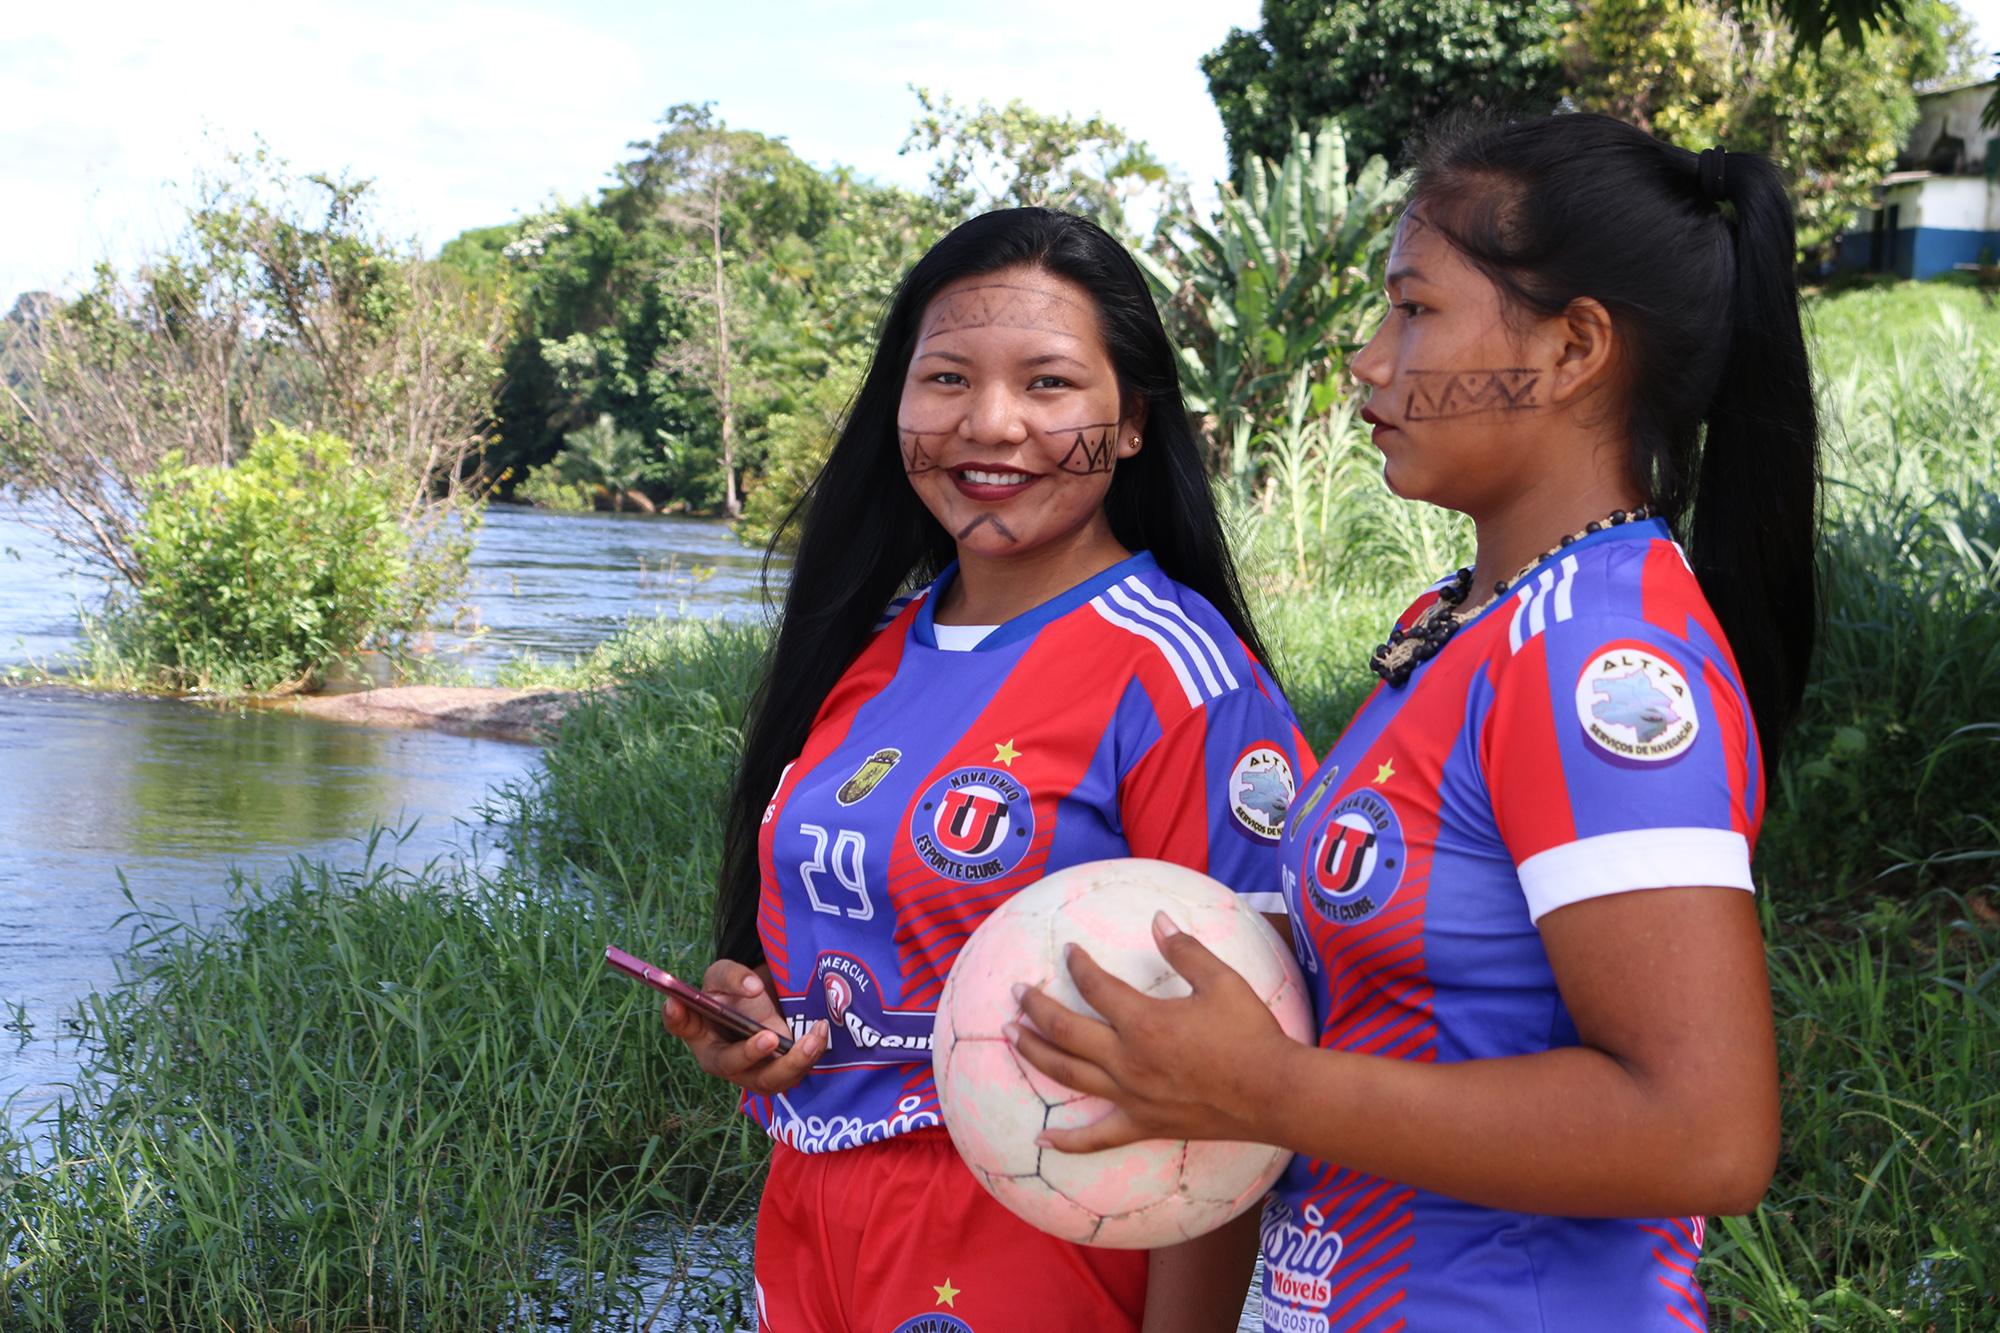 Mulher joga futebol: jogadoras de São Gabriel da Cachoeira querem um campo e escola